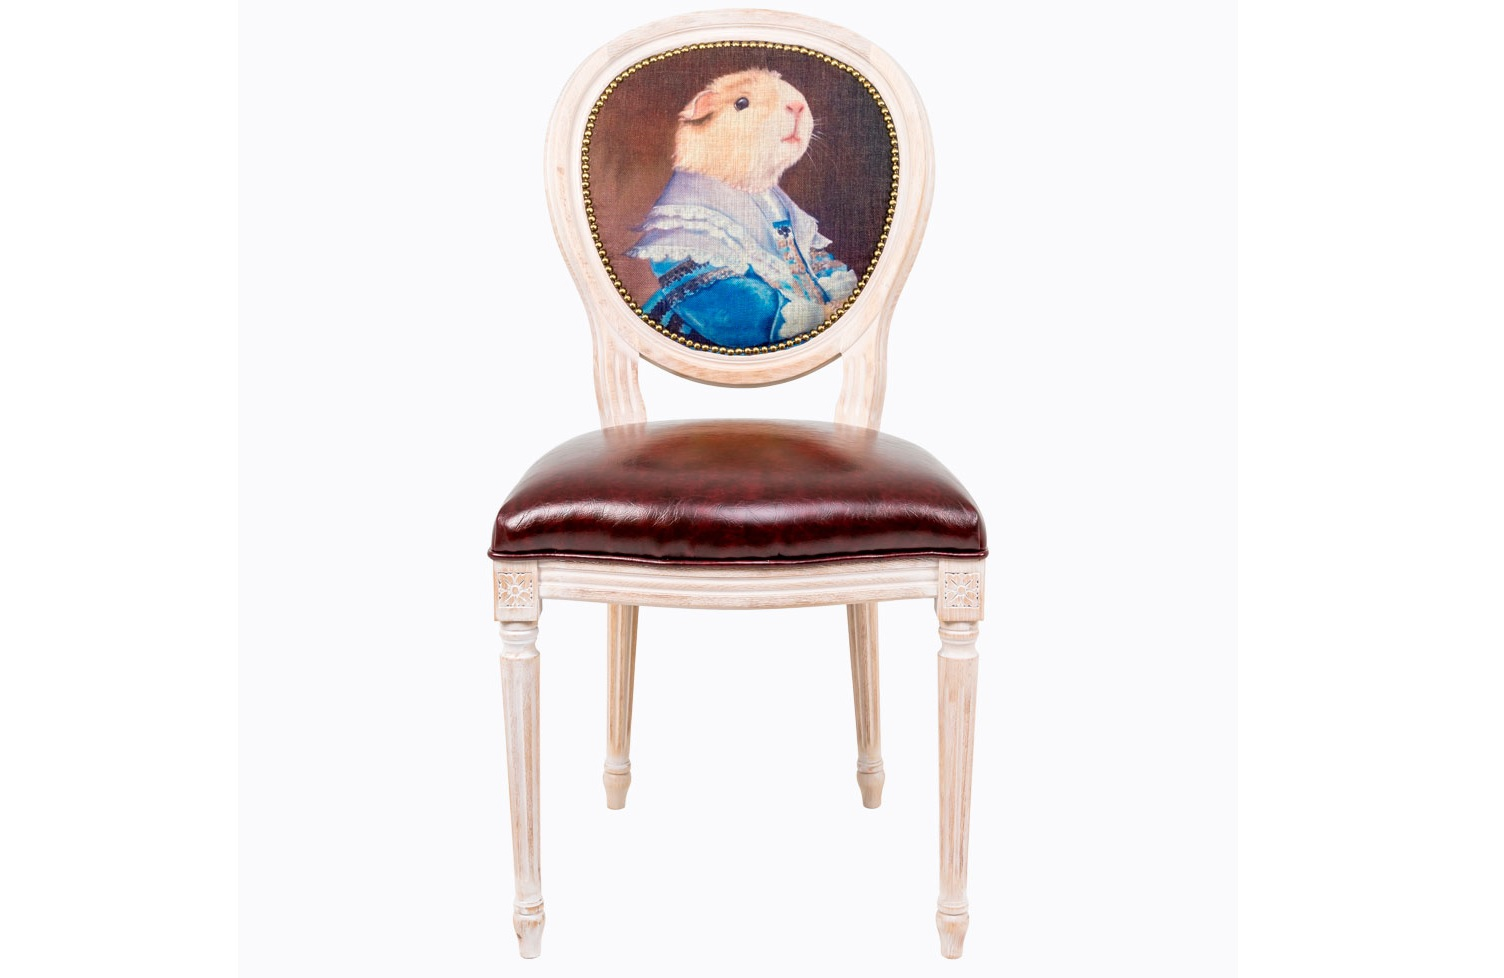 Стул Музейный экспонат, версия 20Обеденные стулья<br>Стулья серии &amp;quot;Музейный экспонат&amp;quot; имитируют дворцовую эпоху Луи-Филиппа, предпочитающую благородные лаконичные формы, раскрашенные золотистыми анкерами и филигранной резьбой. Натуральное дерево и ручная работа одухотворяют предметы мебели, вносят эмоции тепла и персональной заботы. Стулья изготовлены из ядра натурального бука. Корпусы стульев серии &amp;quot;Музейный экспонат&amp;quot; выточены, брашированы и патинированы в Италии. Благородная фактура натурального дерева подчеркнута рукописной патиной. Обивка спинки оснащена тефлоновым покрытием против пятен.&amp;lt;div&amp;gt;&amp;lt;br&amp;gt;&amp;lt;/div&amp;gt;&amp;lt;div&amp;gt;Материал сидения - экокожа.&amp;lt;/div&amp;gt;<br><br>Material: Дерево<br>Ширина см: 50<br>Высота см: 98<br>Глубина см: 47